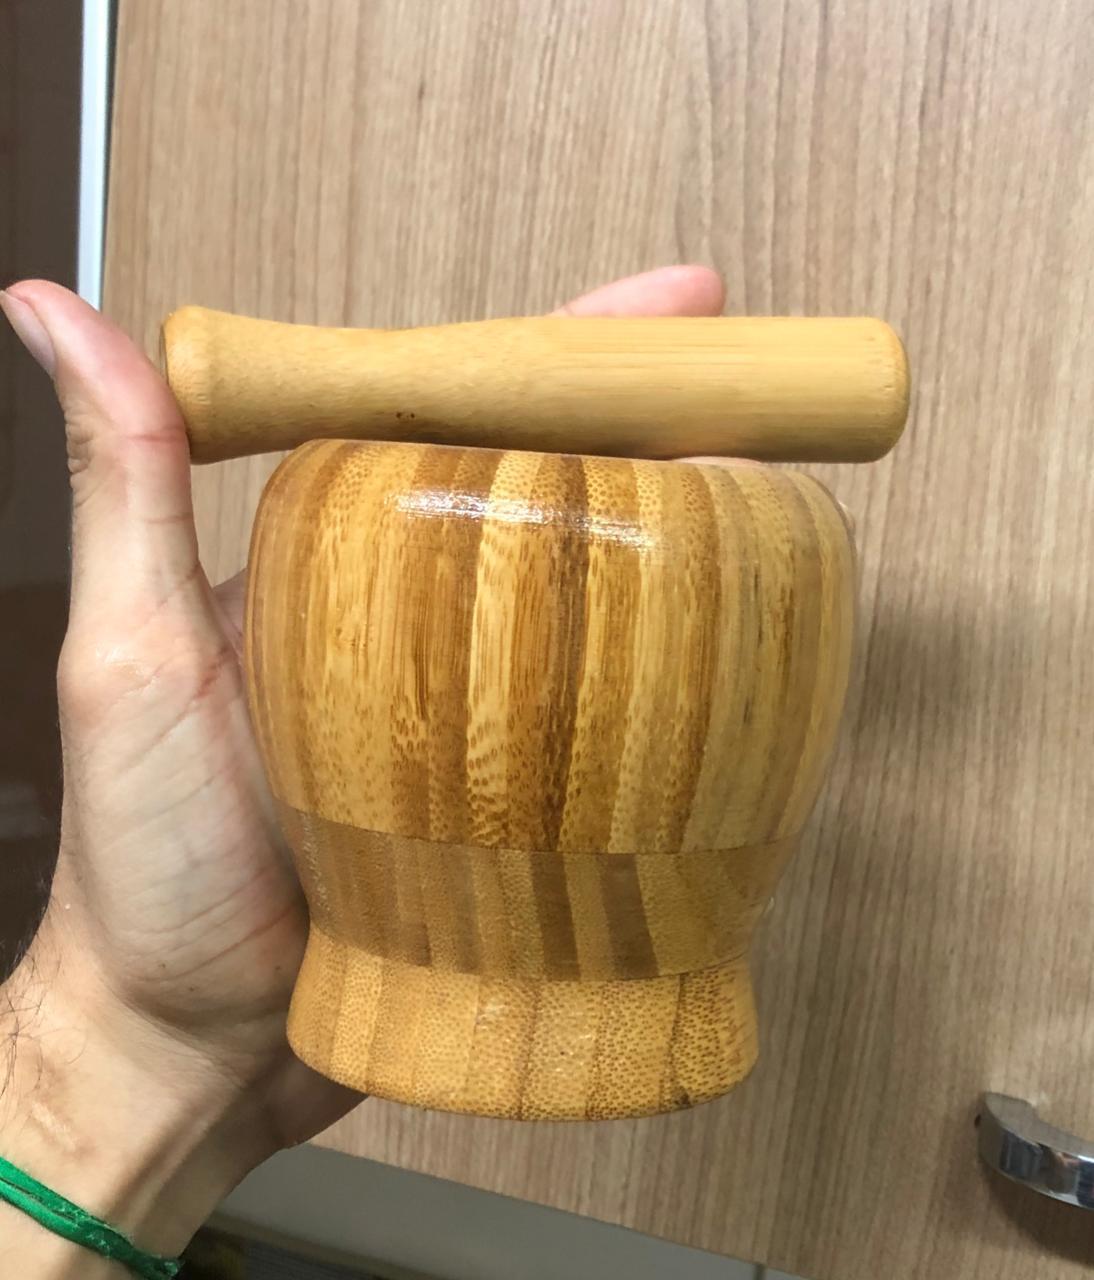 pilão de madeira bambu macerador socador de caipirinha para drinks e cozinha pilão inox